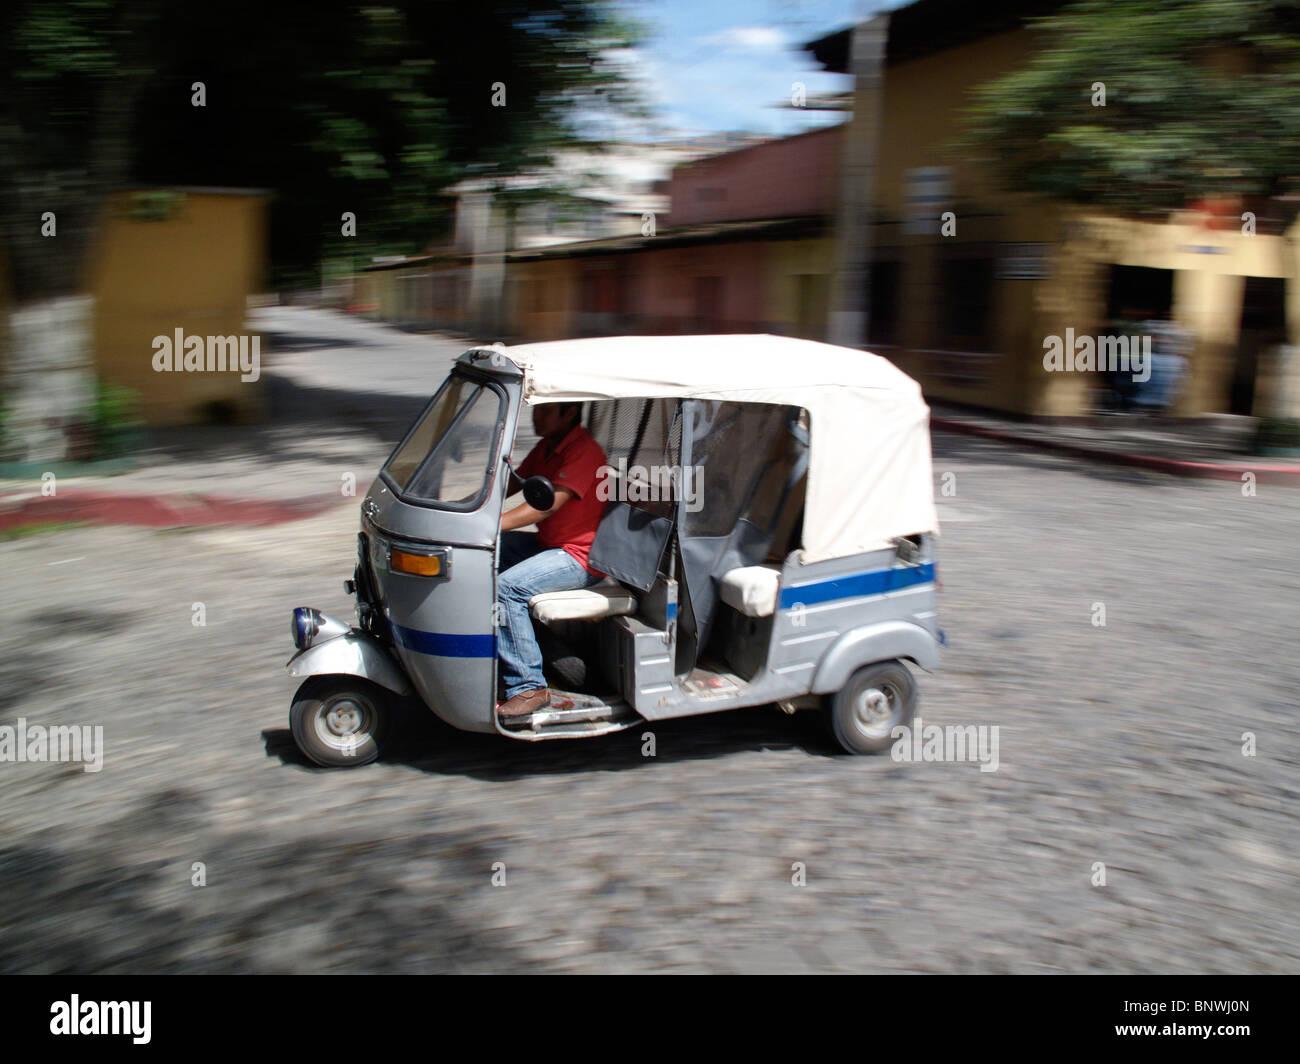 Taxi Moto Lyon : GoldCab, votre moto taxi avec chauffeur